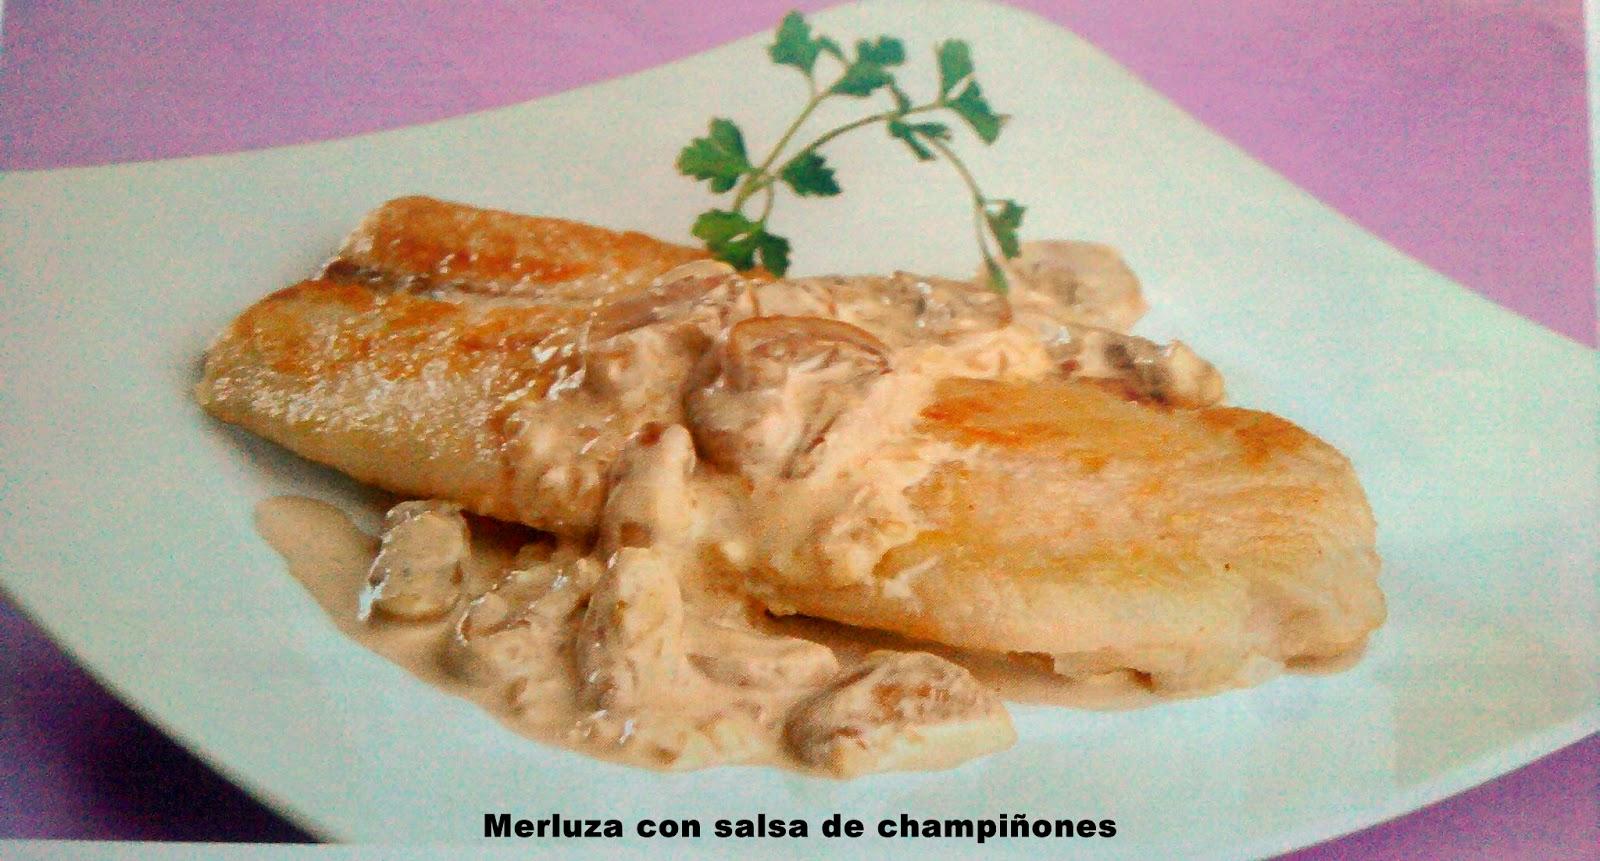 Merluza Con Salsa De Champiñones